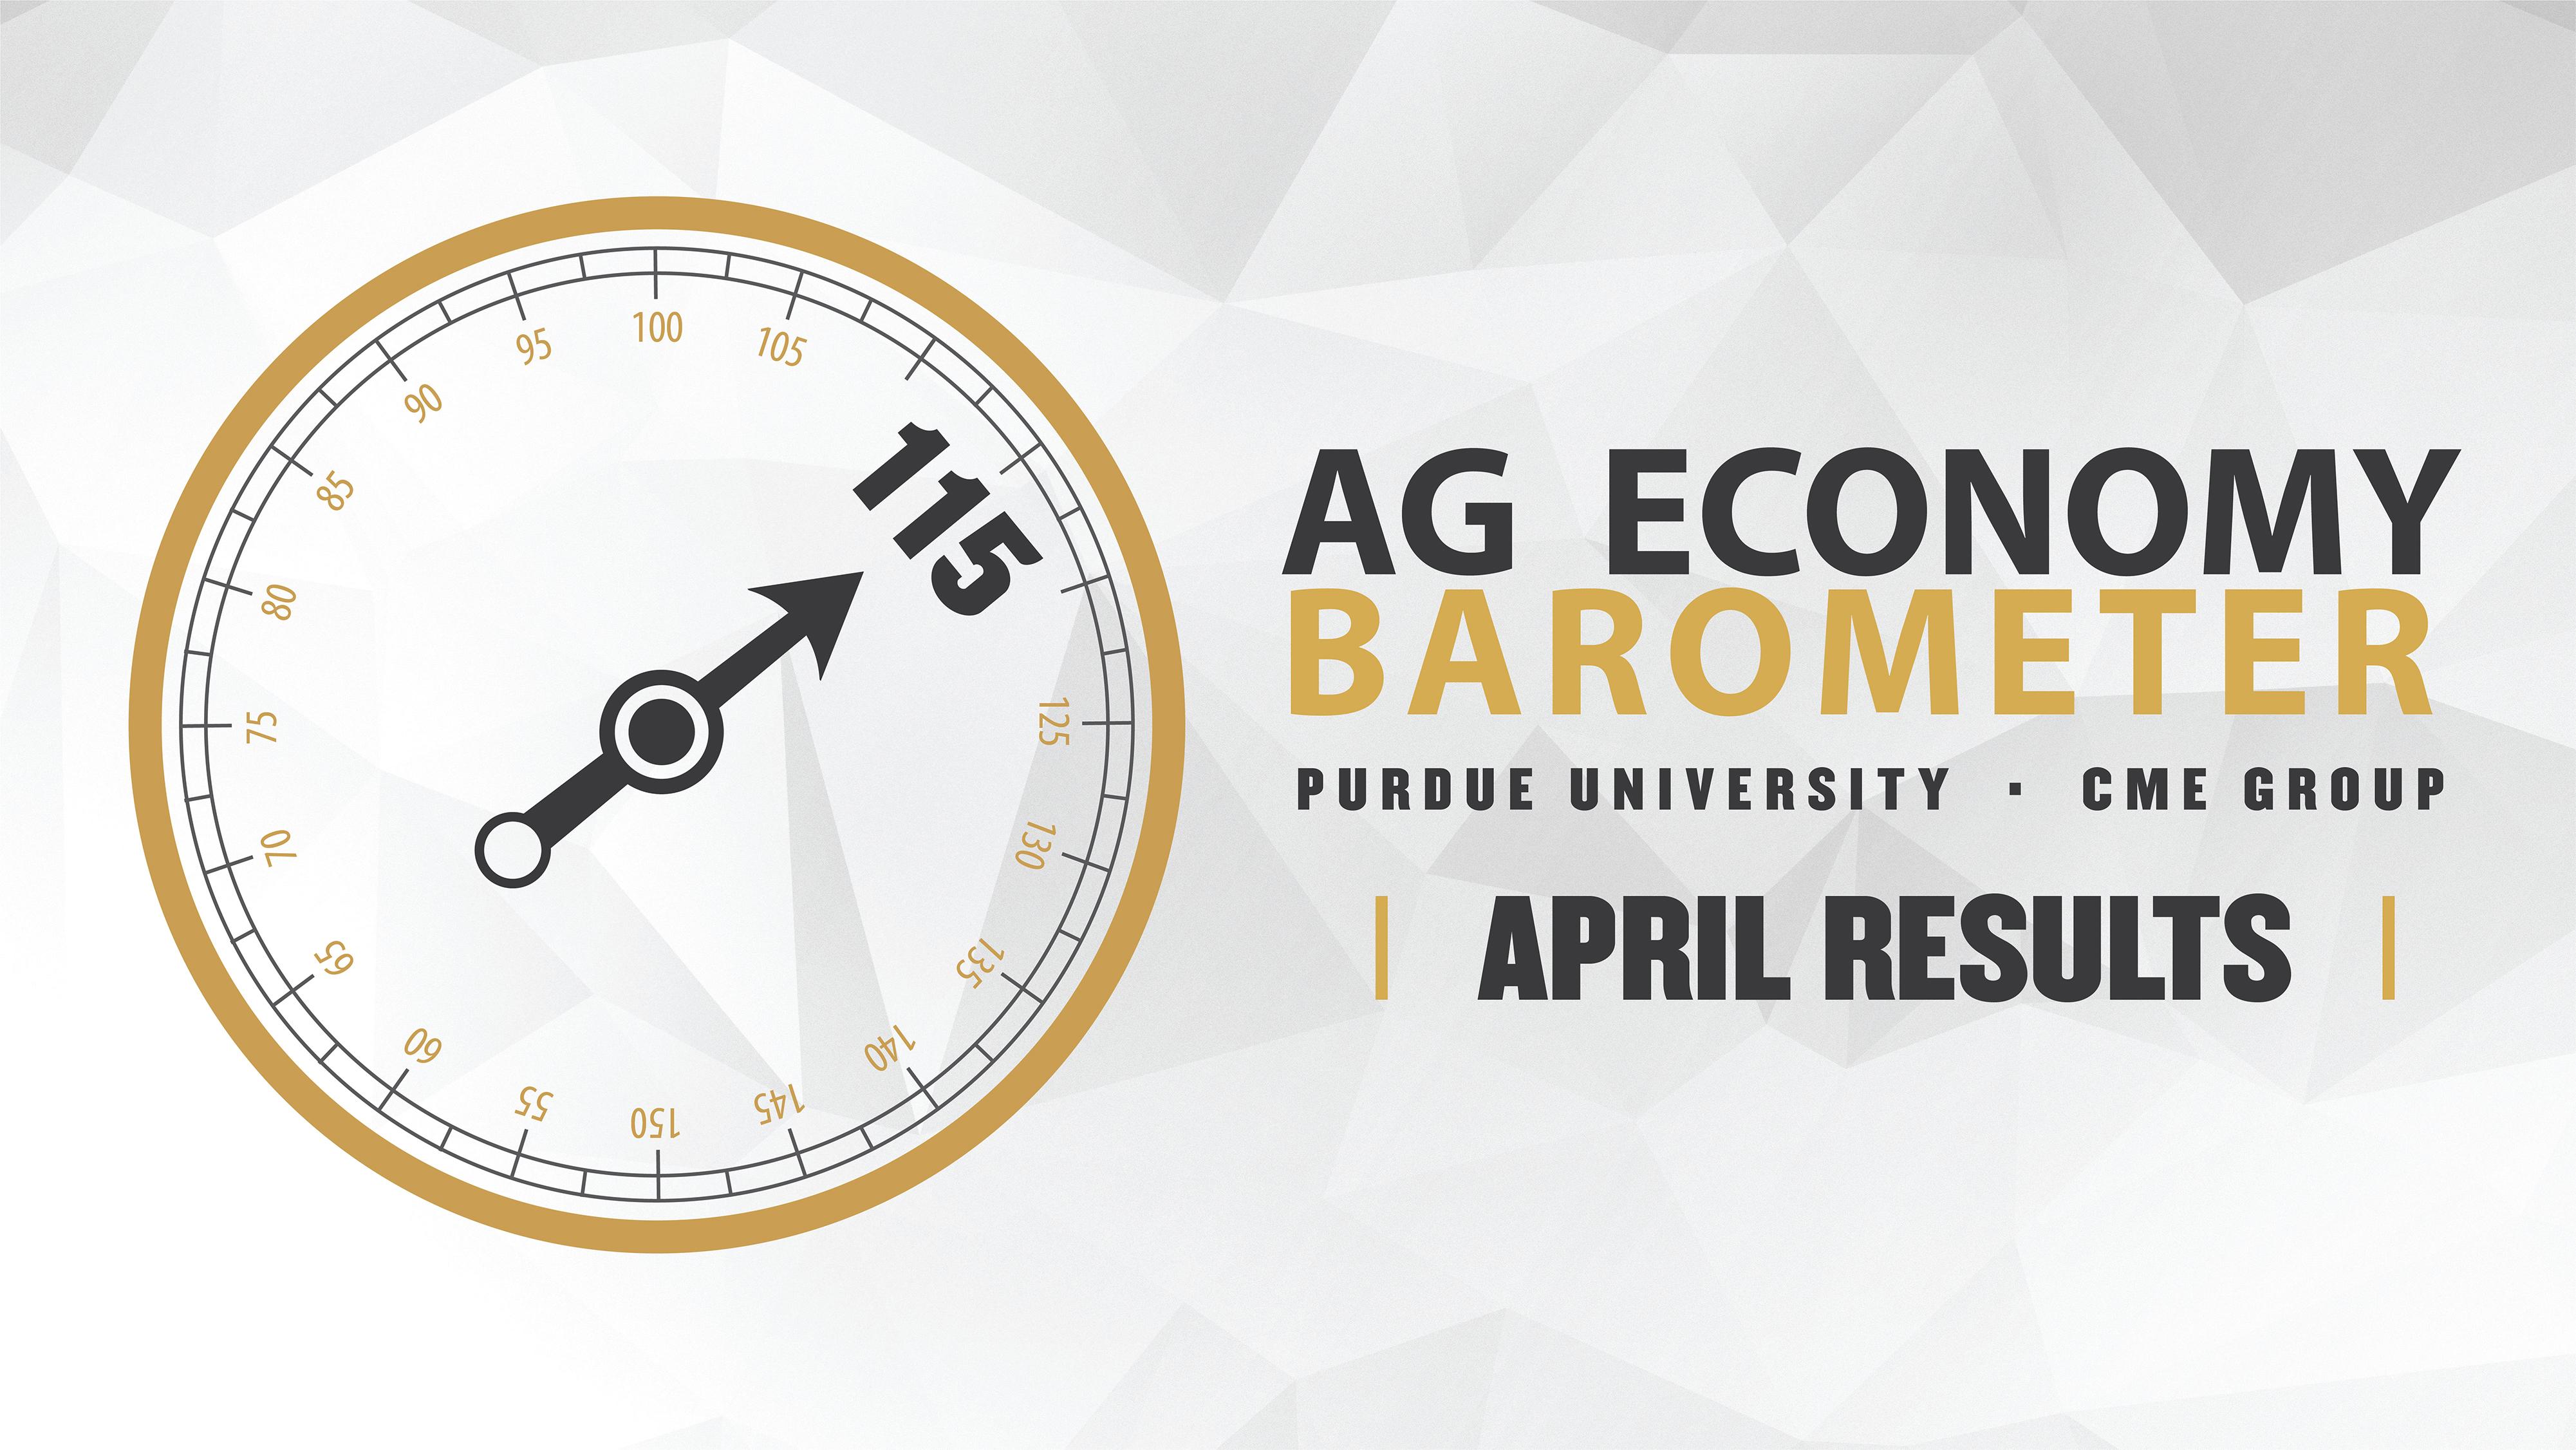 Ag Economy Barometer April Results